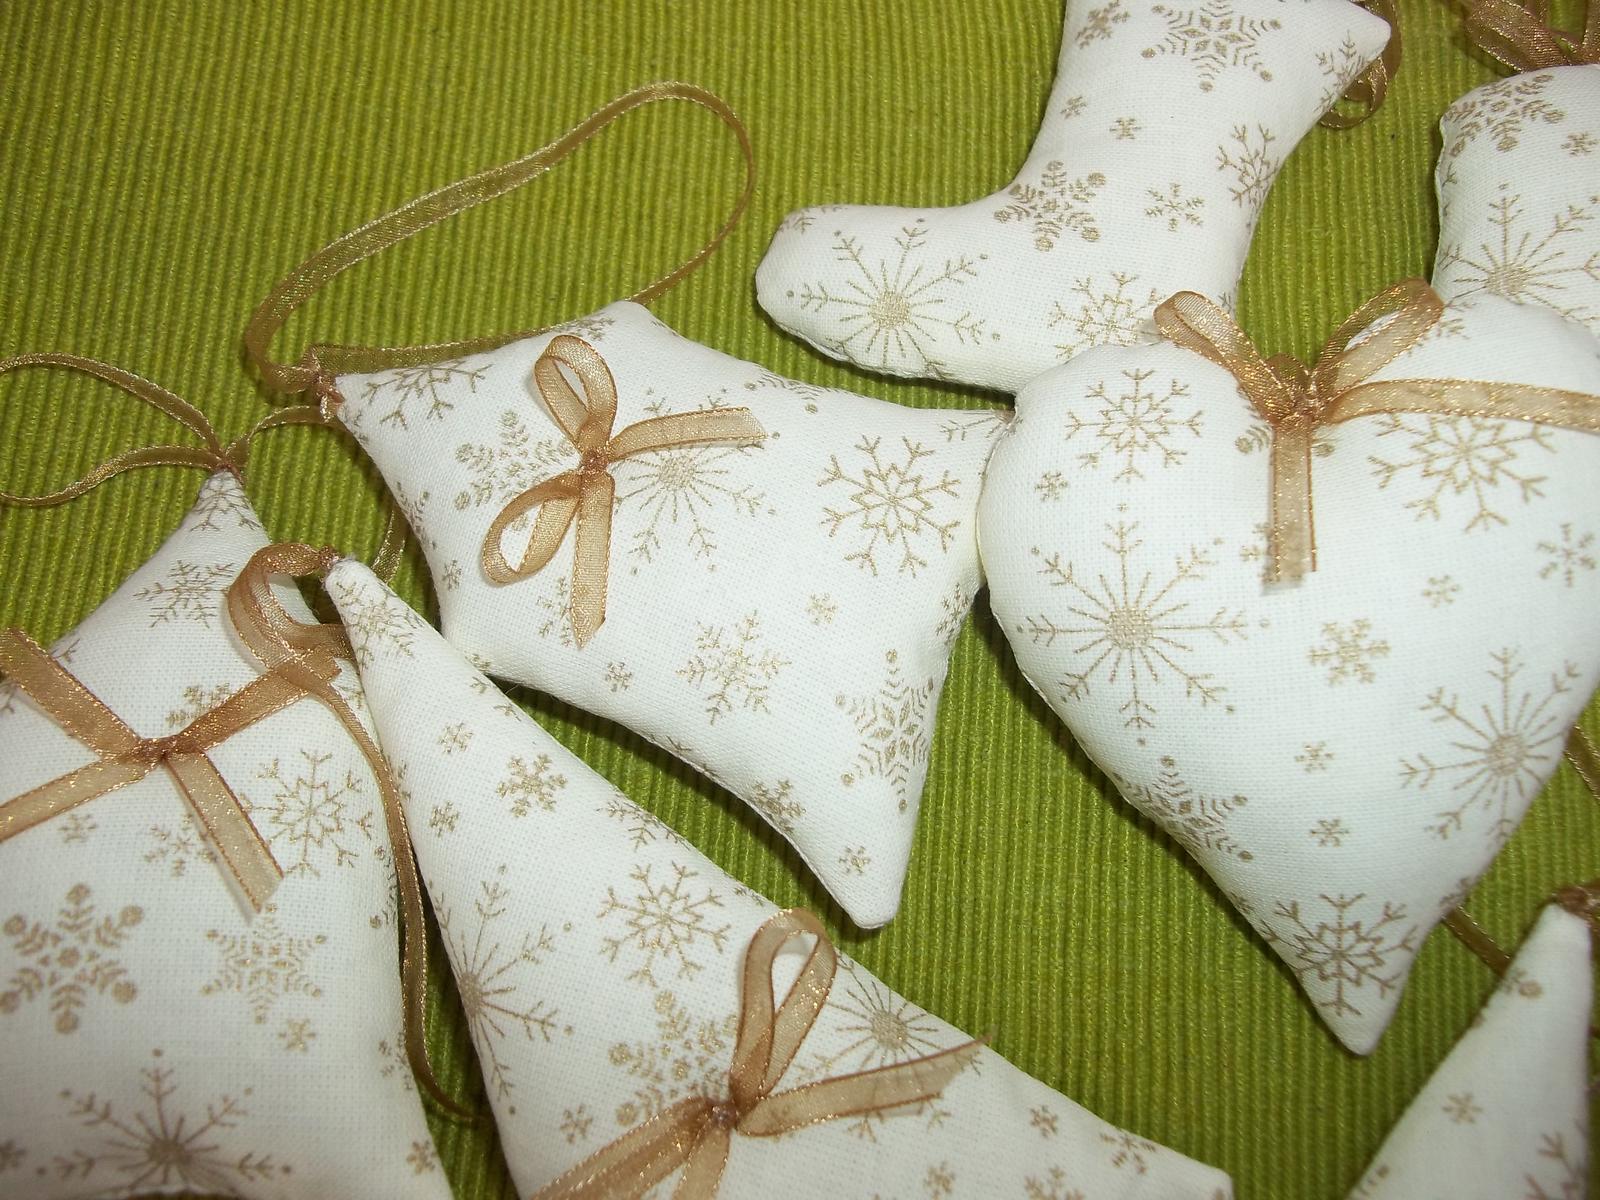 Krémovo zlaté vianočné ozdôbky, sada 12ks,s poštovným - Obrázok č. 4